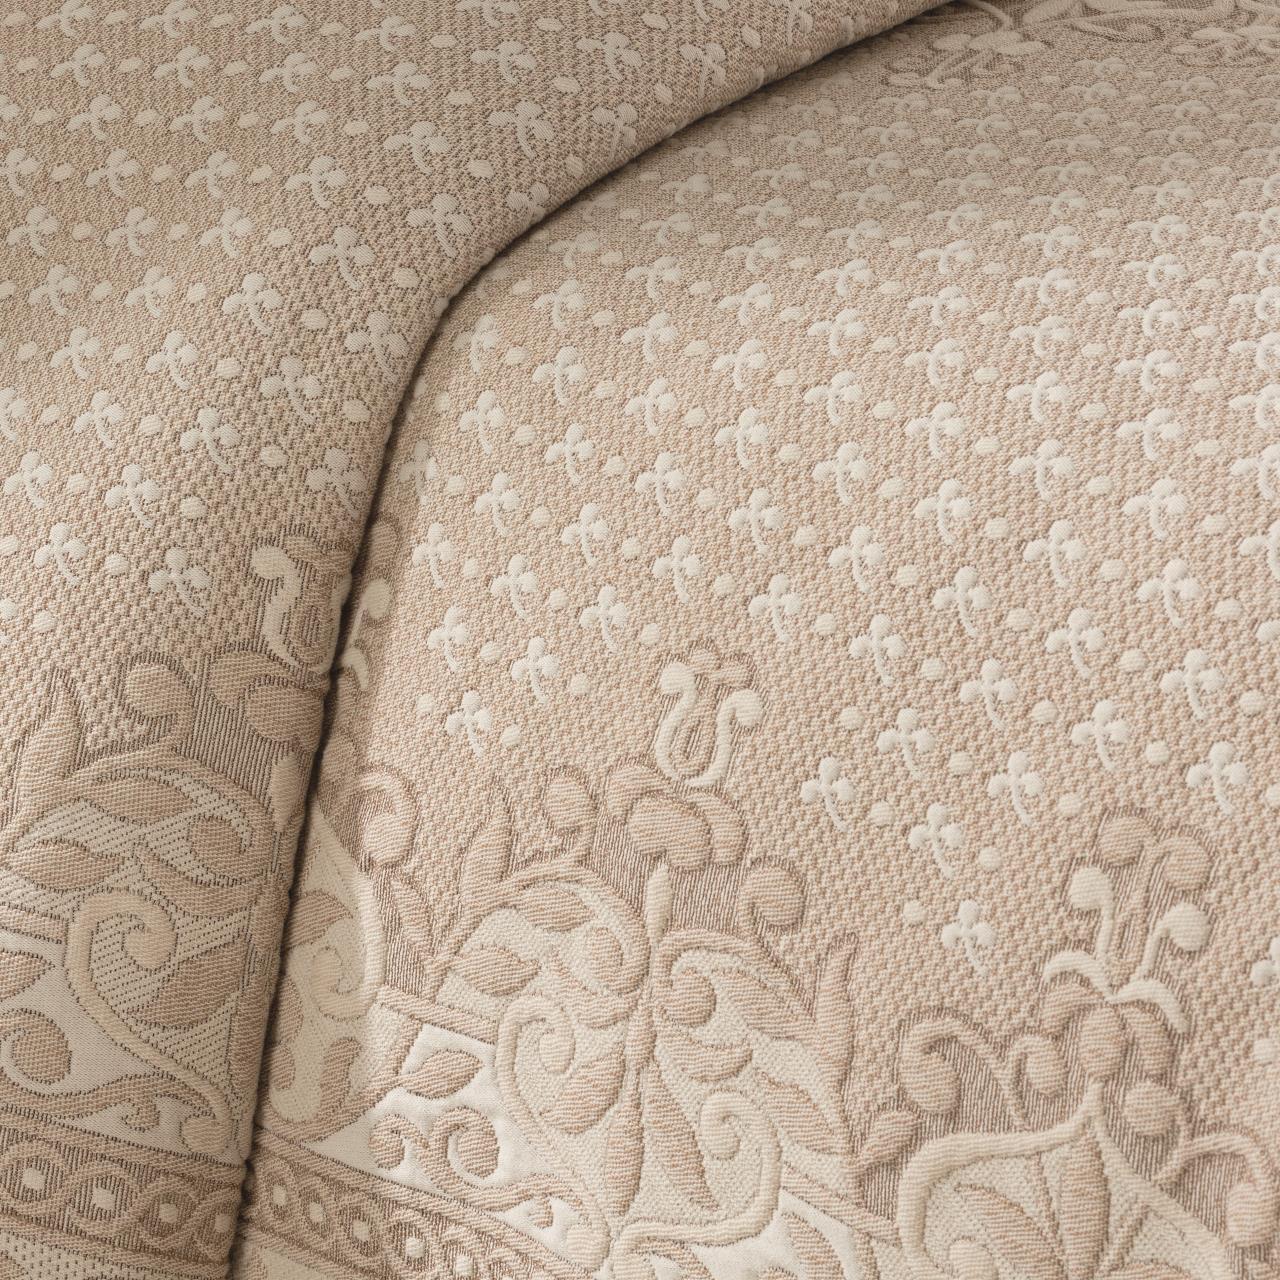 Basset Linen Matelesse Coverlet - 048975021200